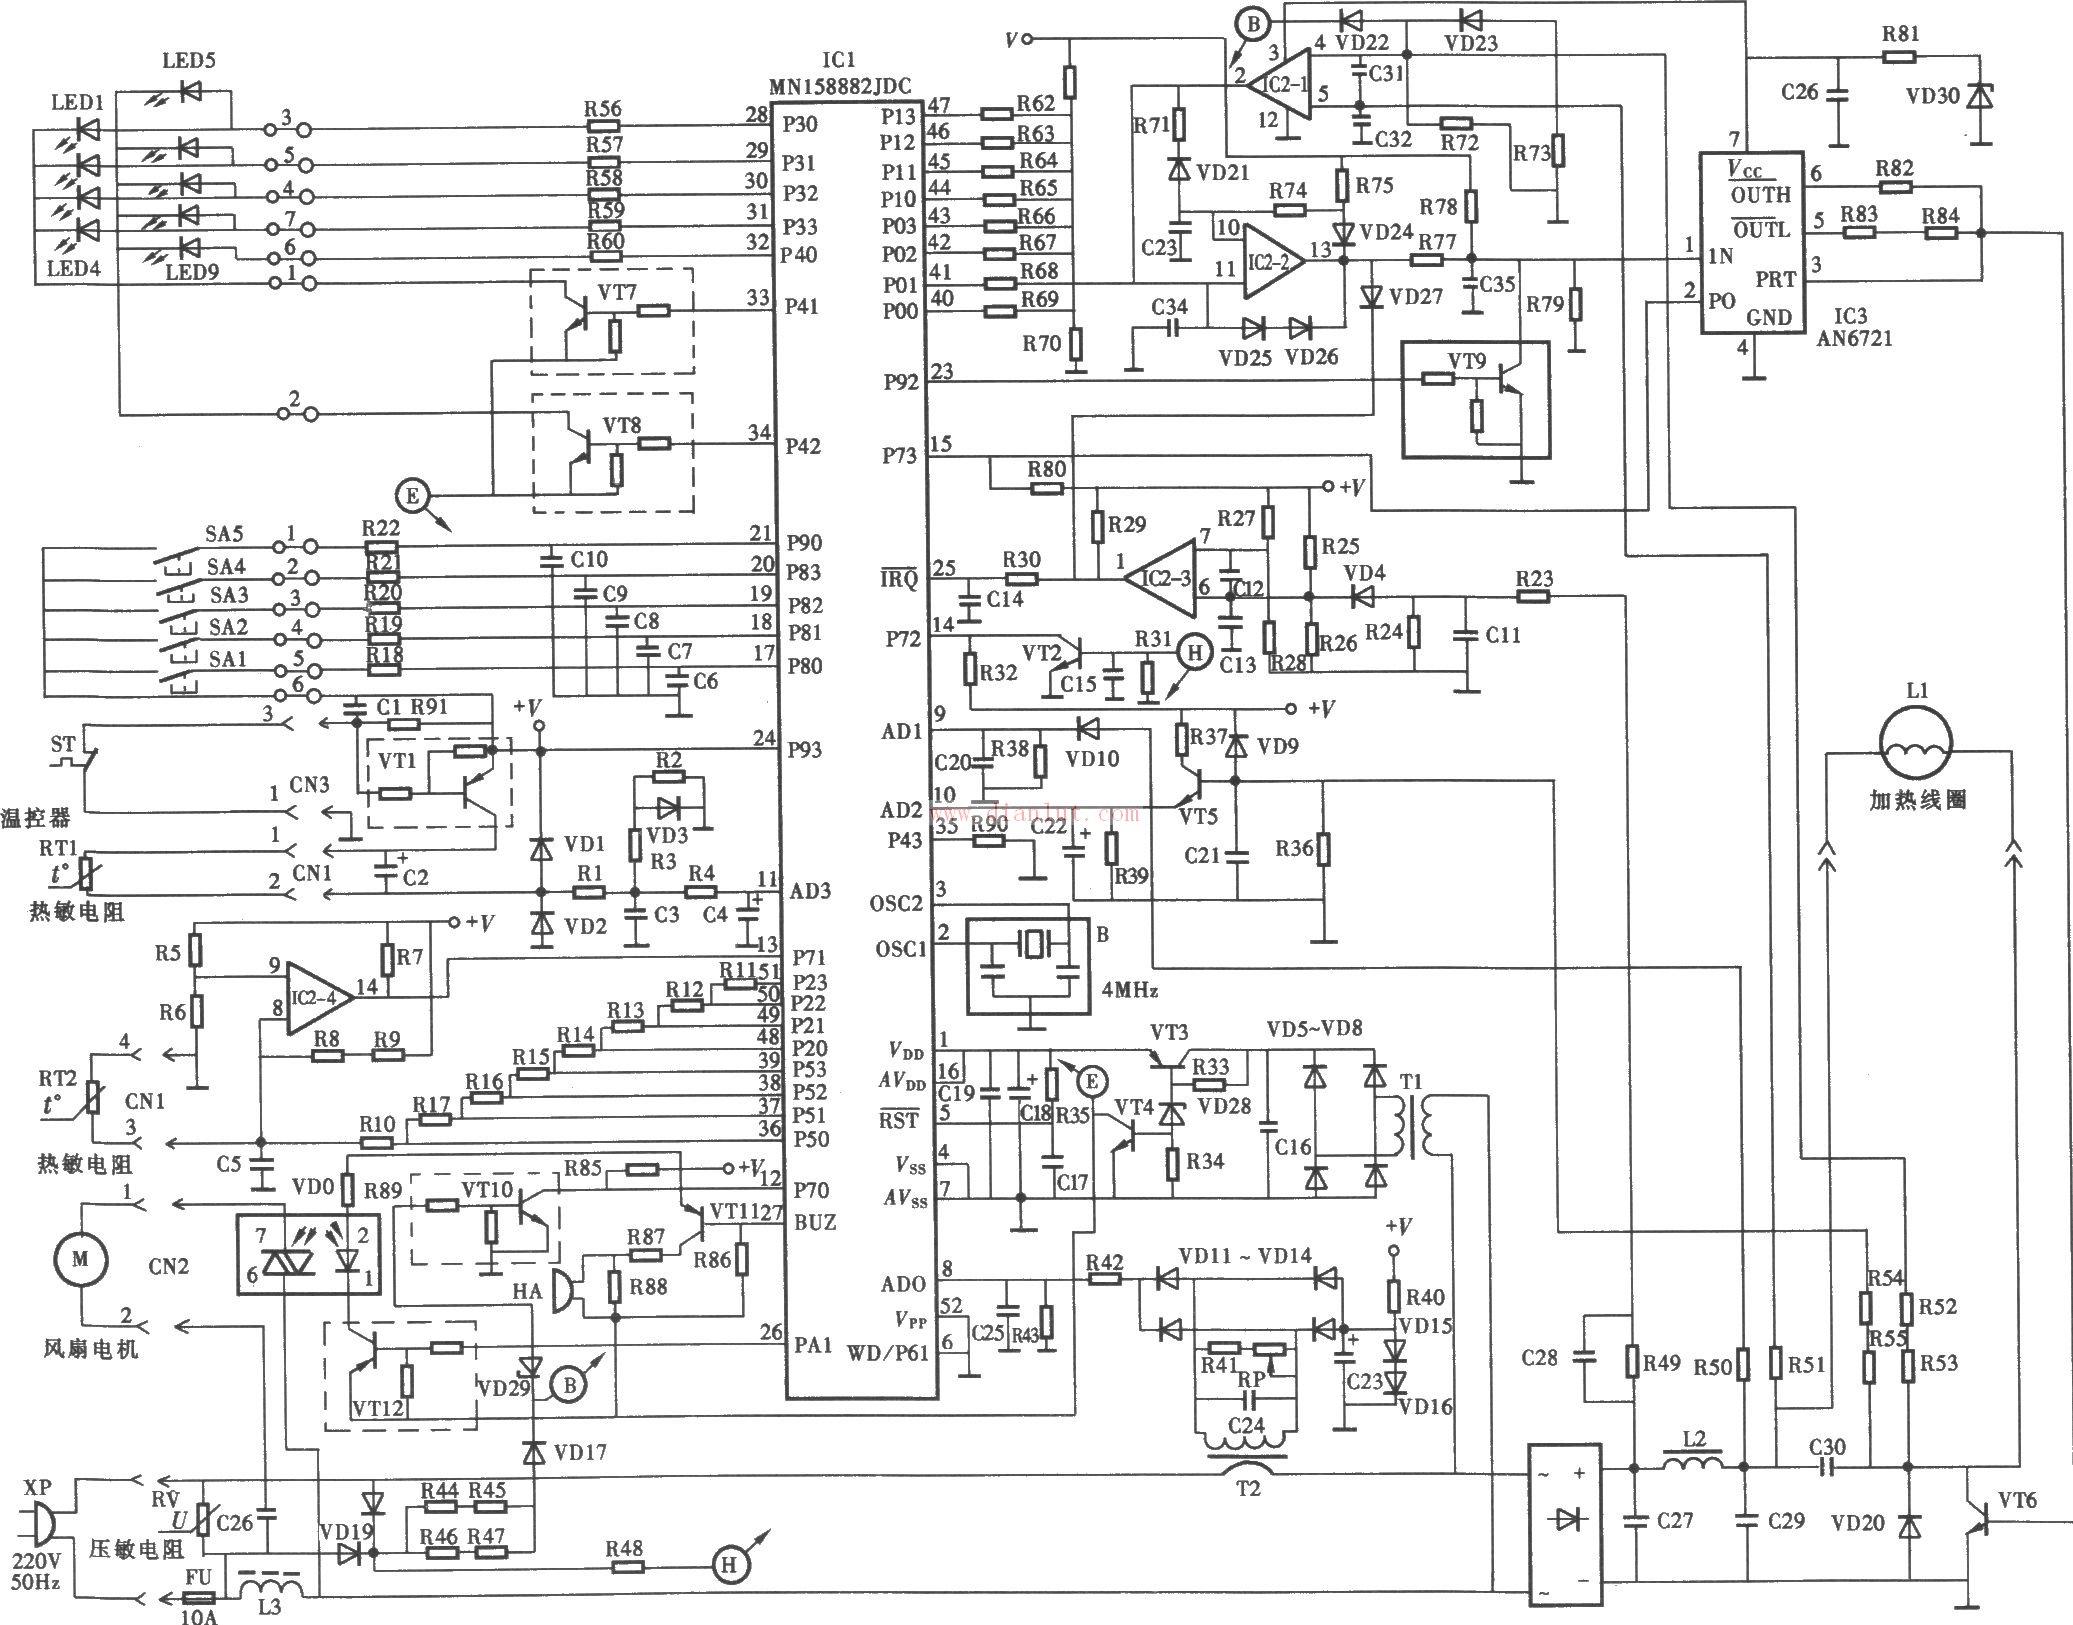 由mn158882jdc设计的松下ky-p2n电磁炉电路原理图